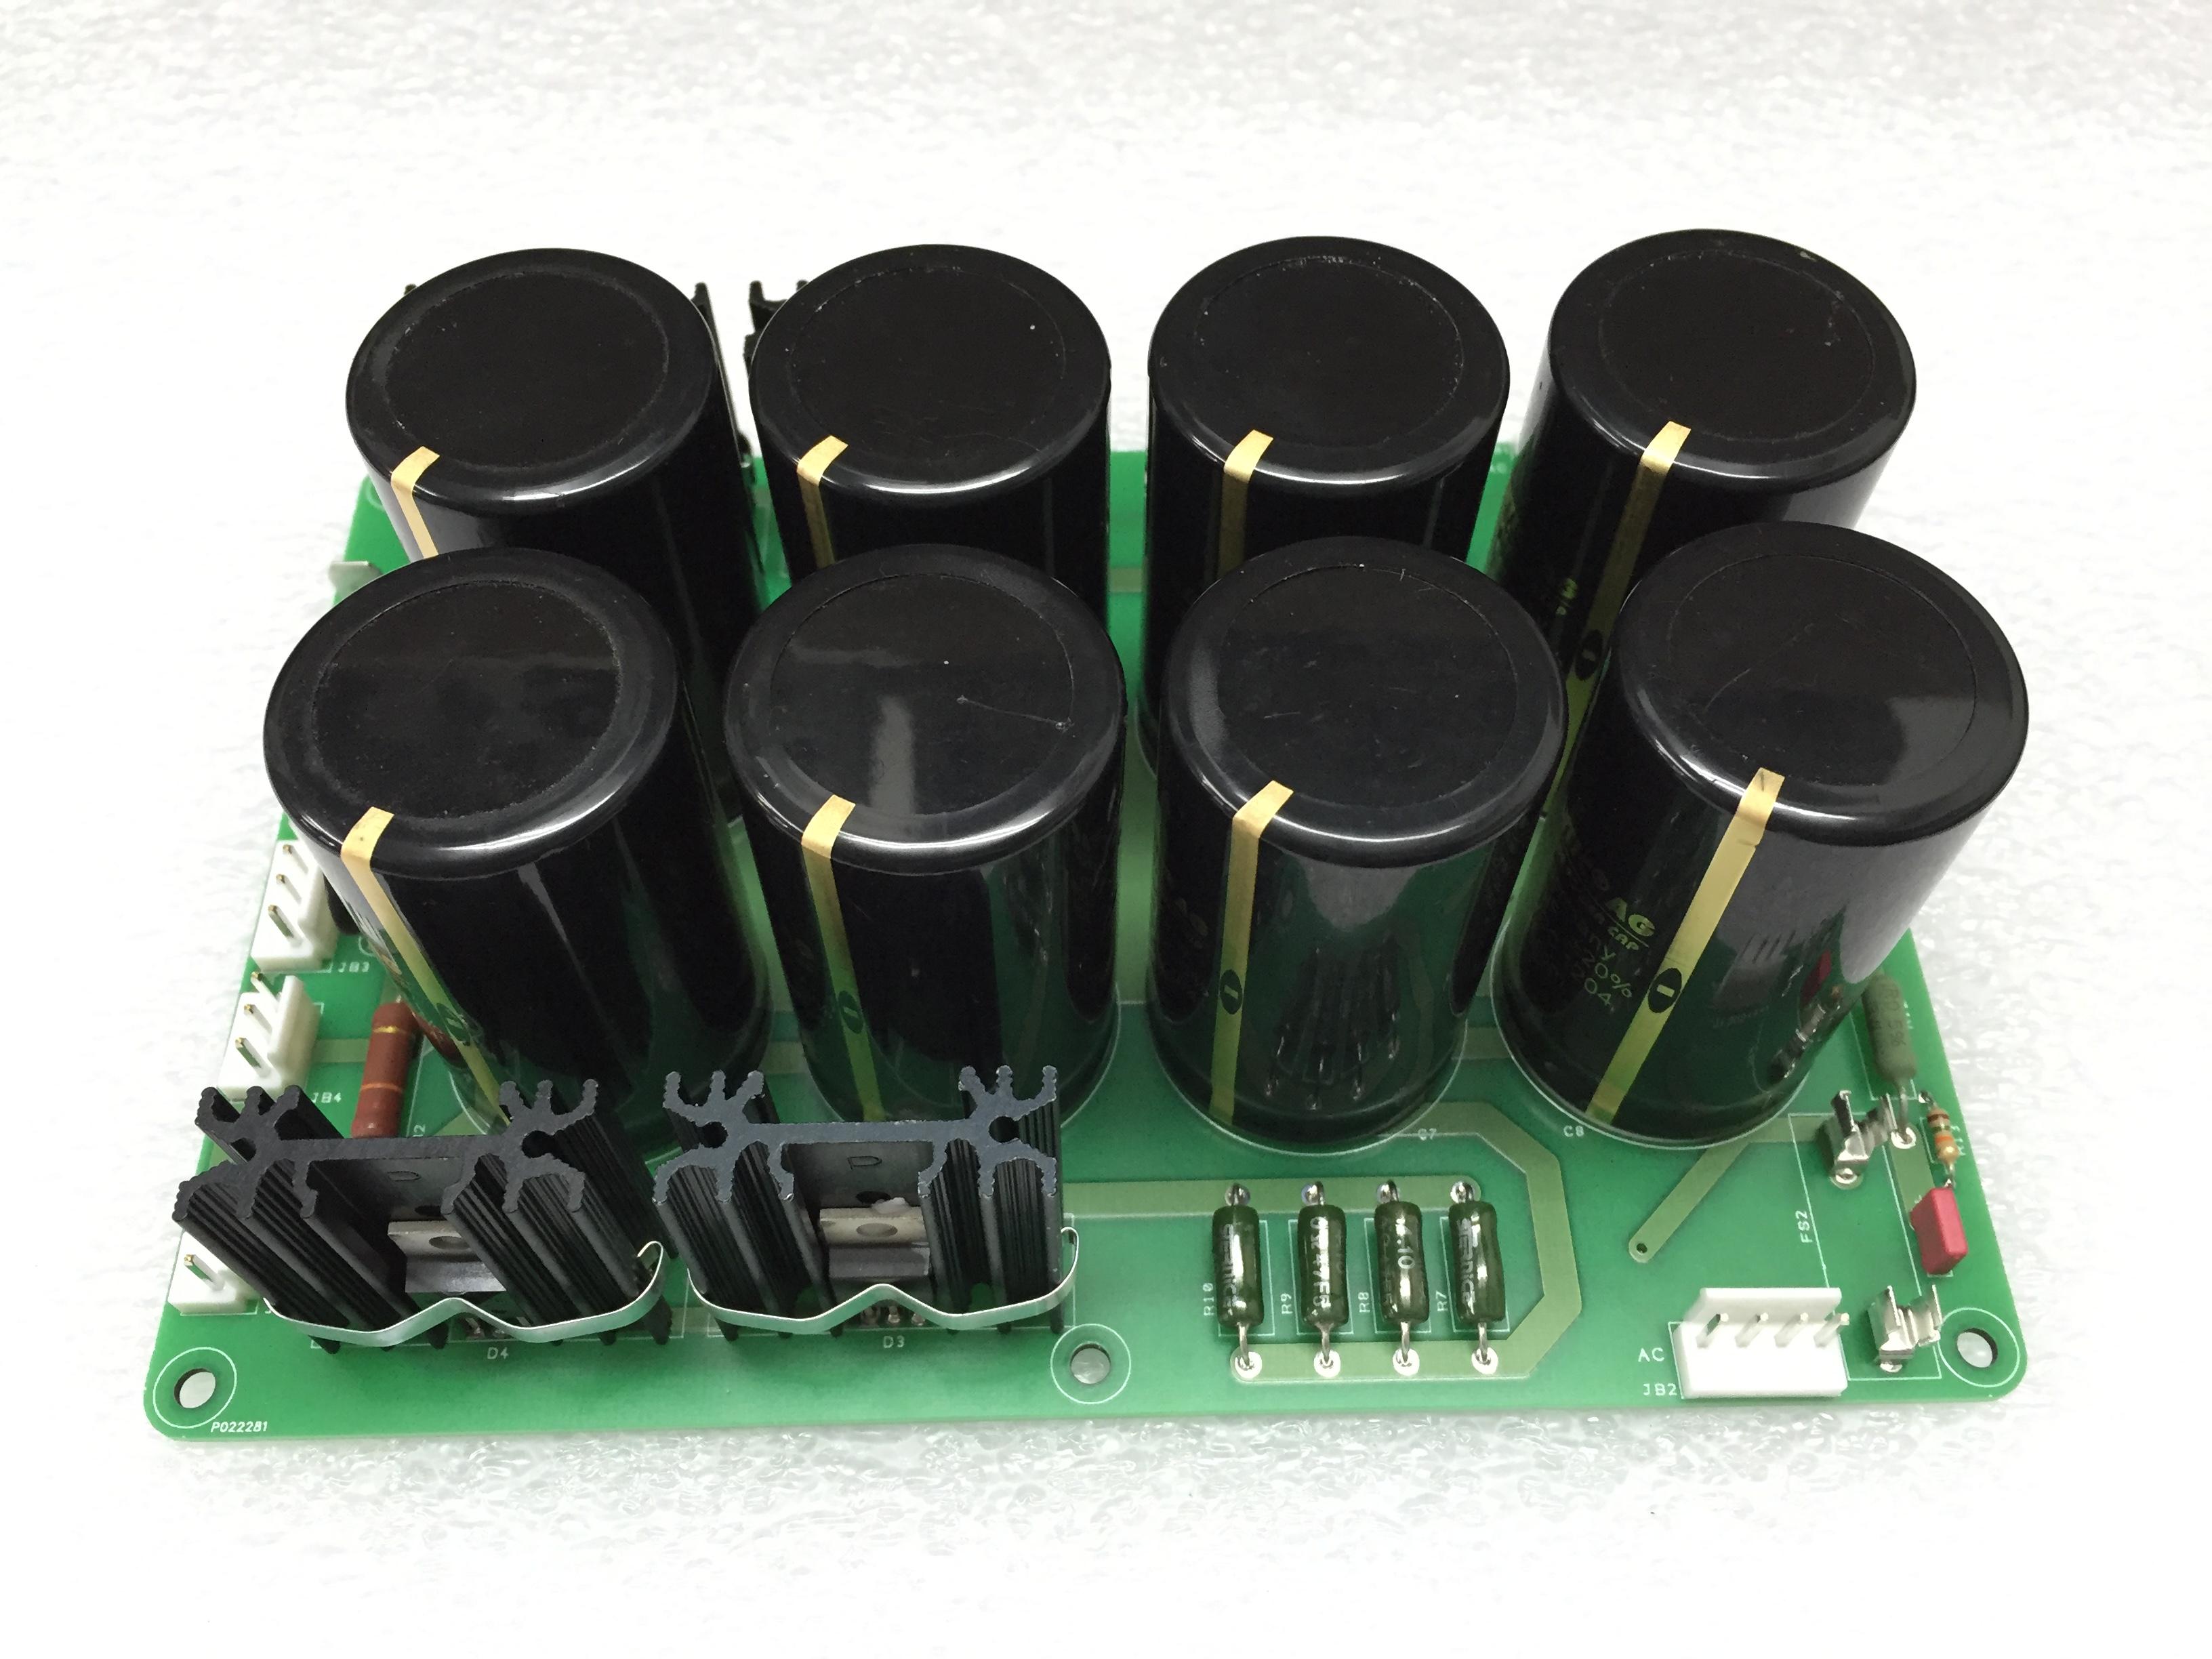 Acoustic technology mfg. Fabricación de equipos a medida. Valencia - Página 4 BQ8pdf